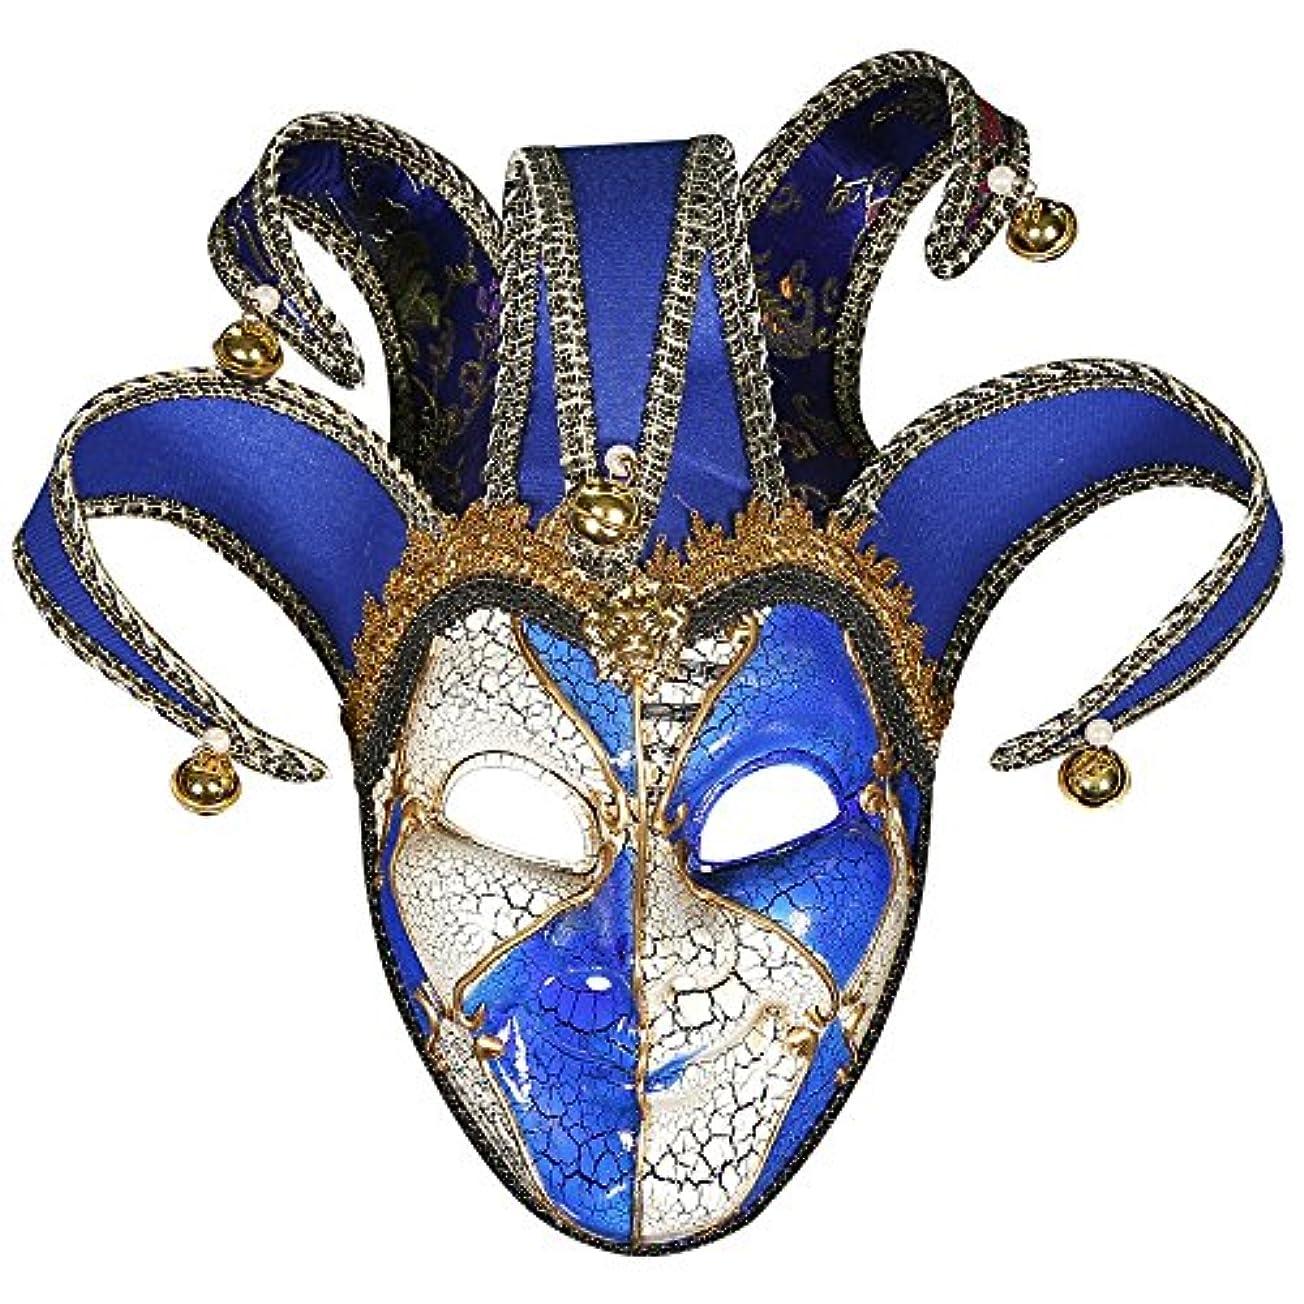 匿名お互い彫るハイエンドの美しいクラックフェスティバル仮面舞踏会マスクハロウィーン誕生日パーティーピエロマスク (Color : C)